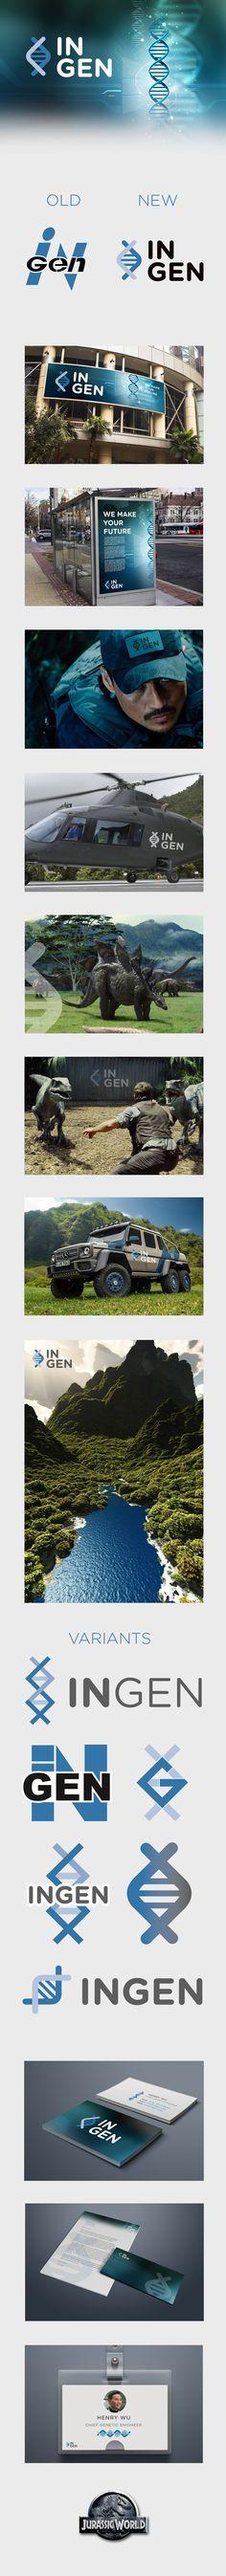 InGen Jurassic World Rebranding on Behance